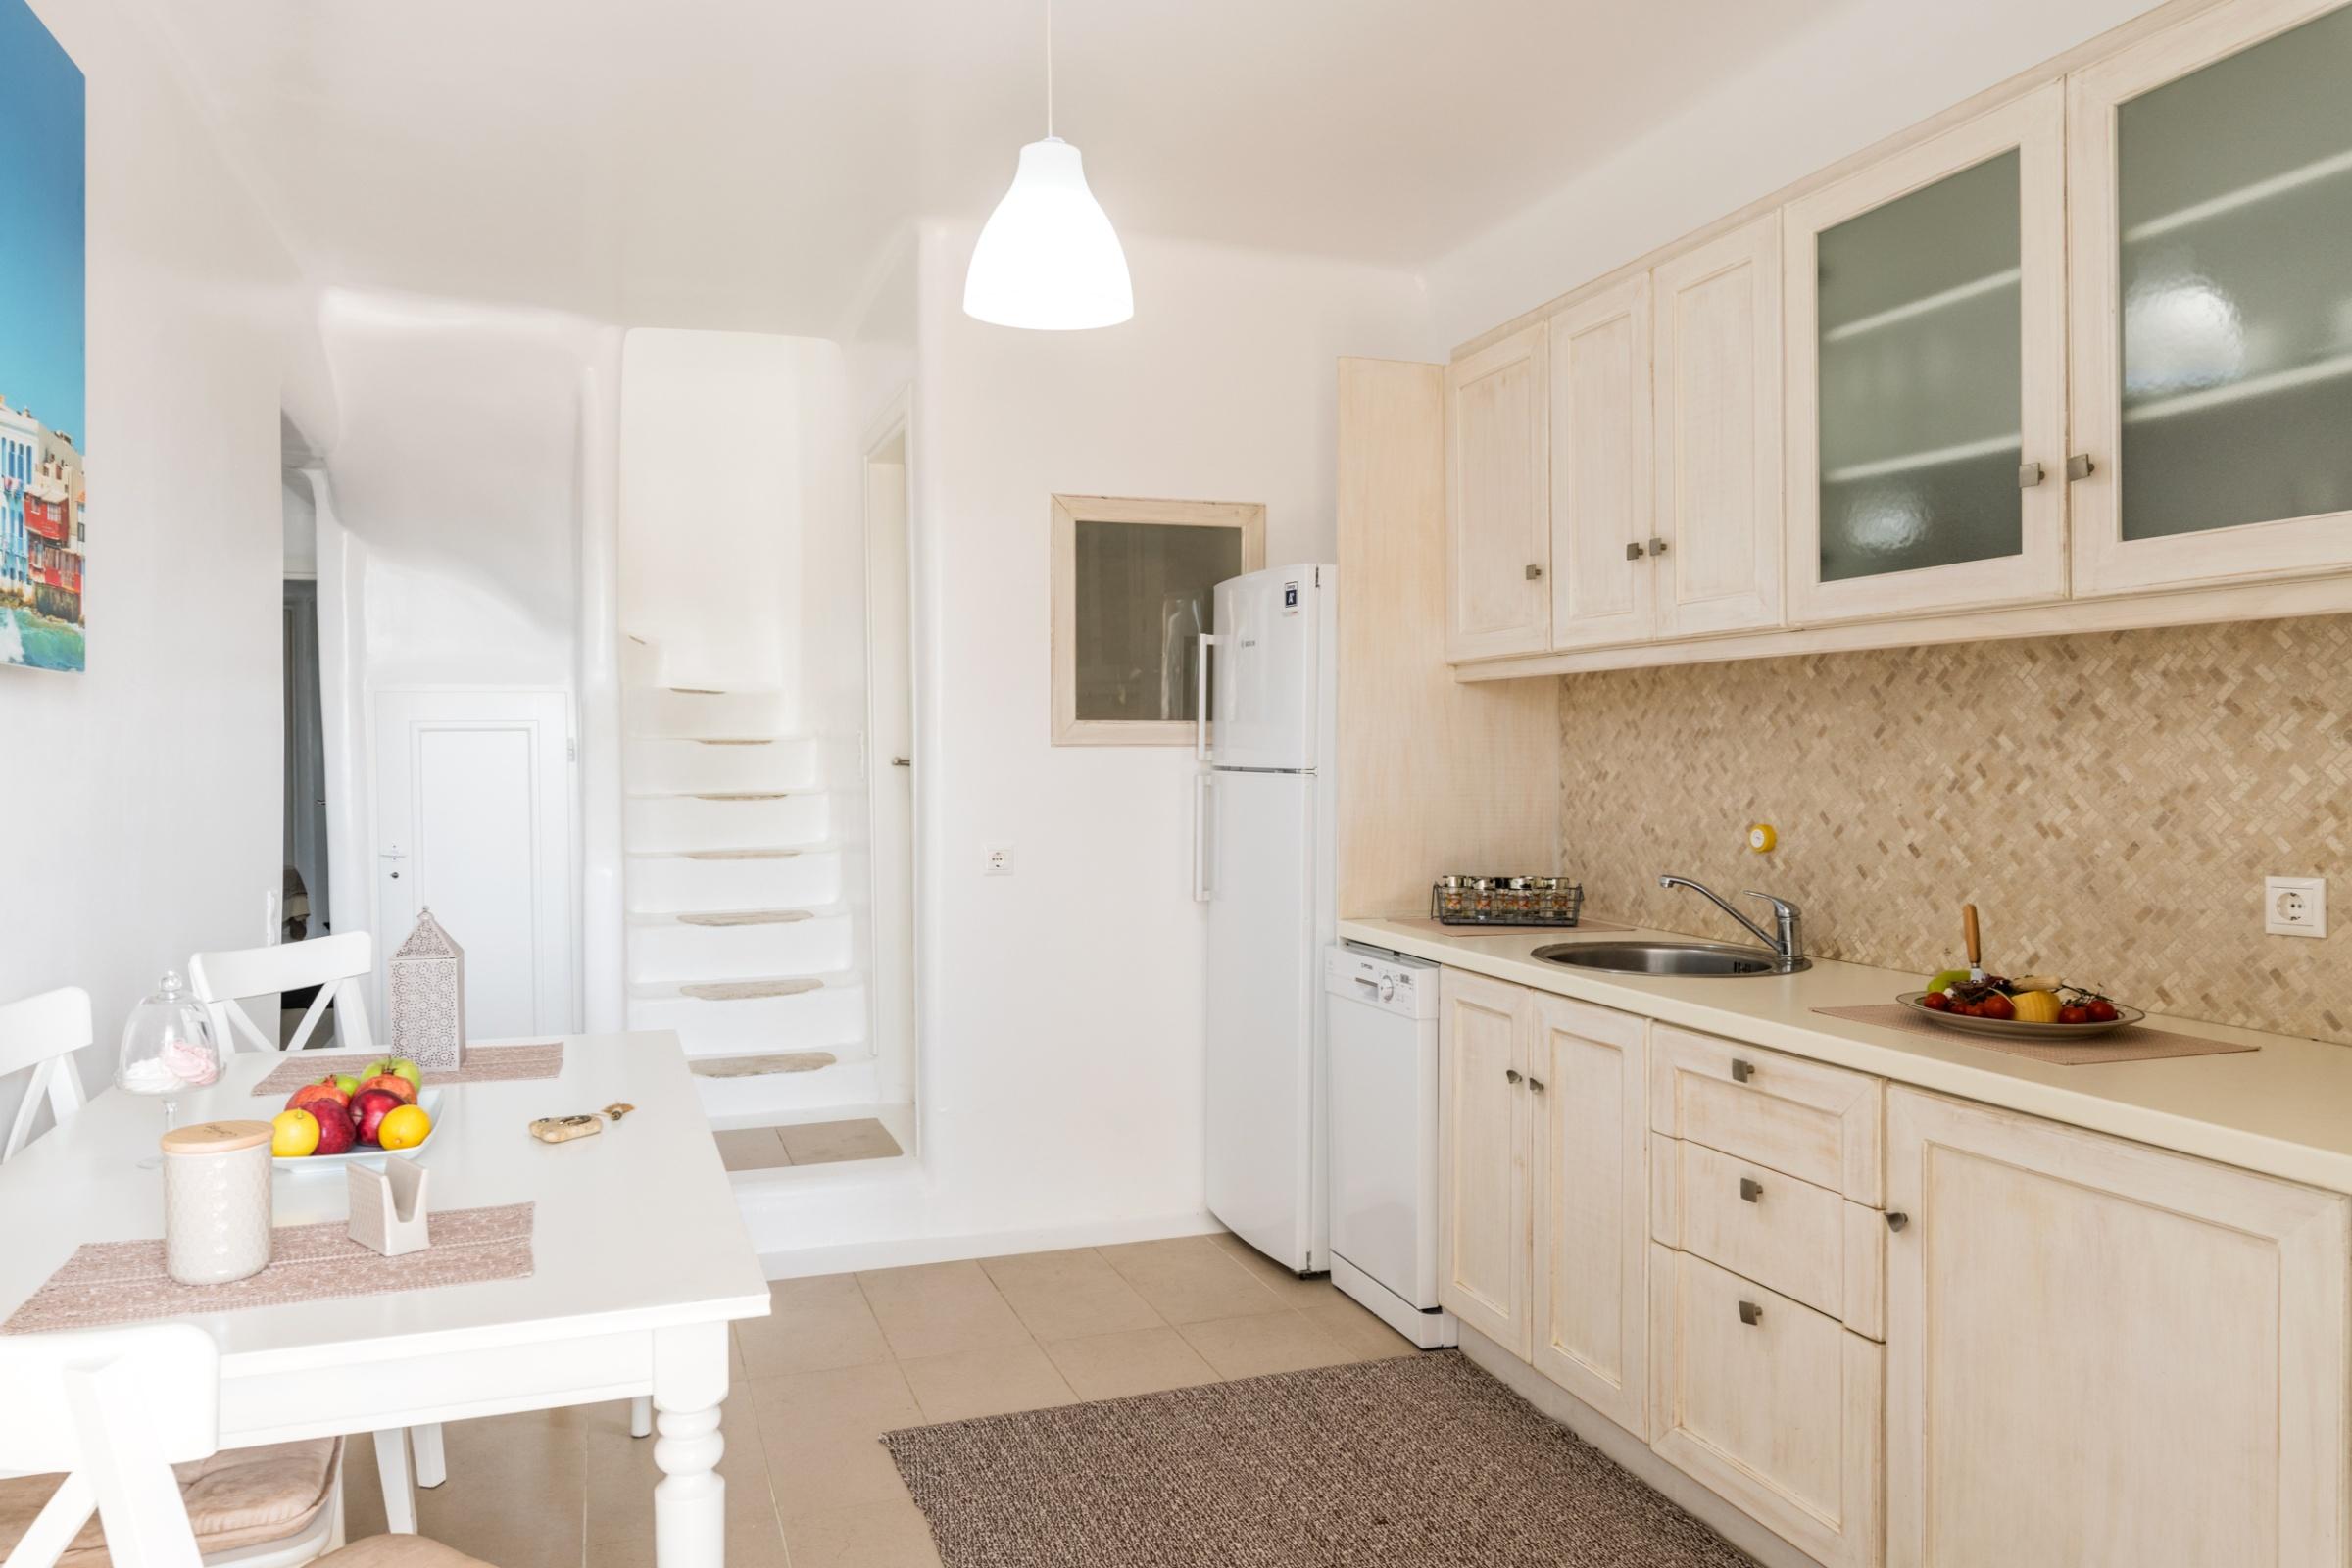 villa cecilia mykonos kitchen